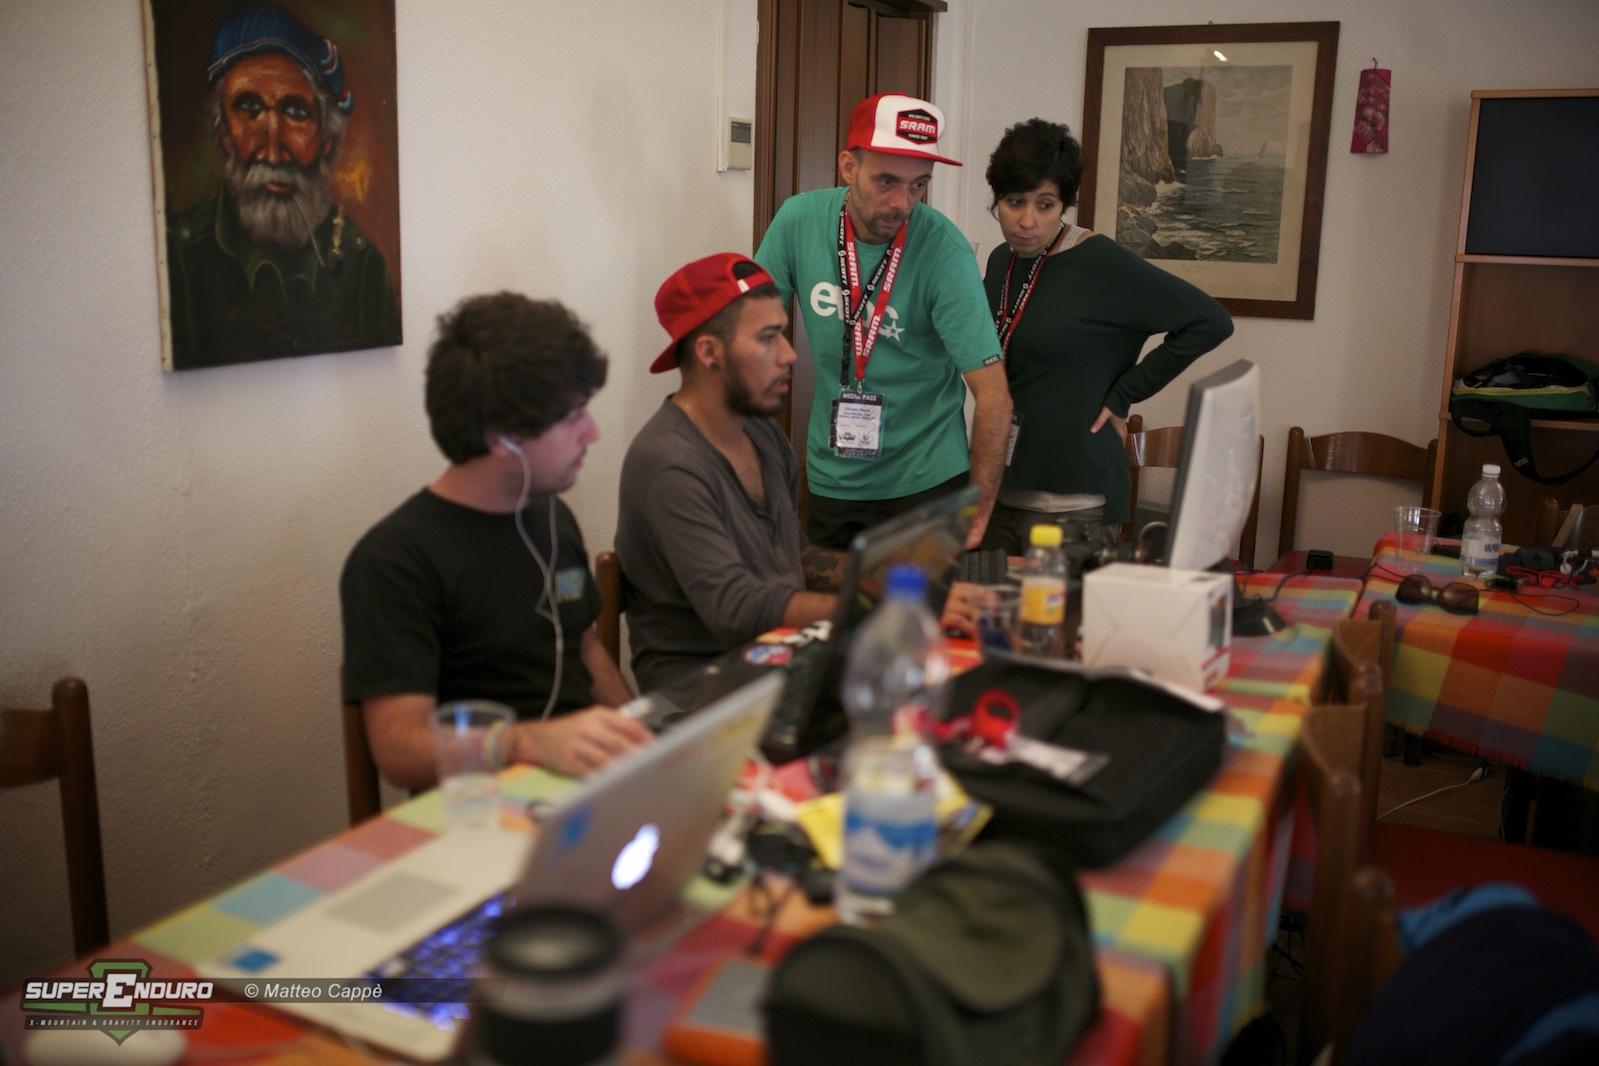 Press room: il team Rock in The Middle immerso nel gran lavoro video e organizzativo di questo evento